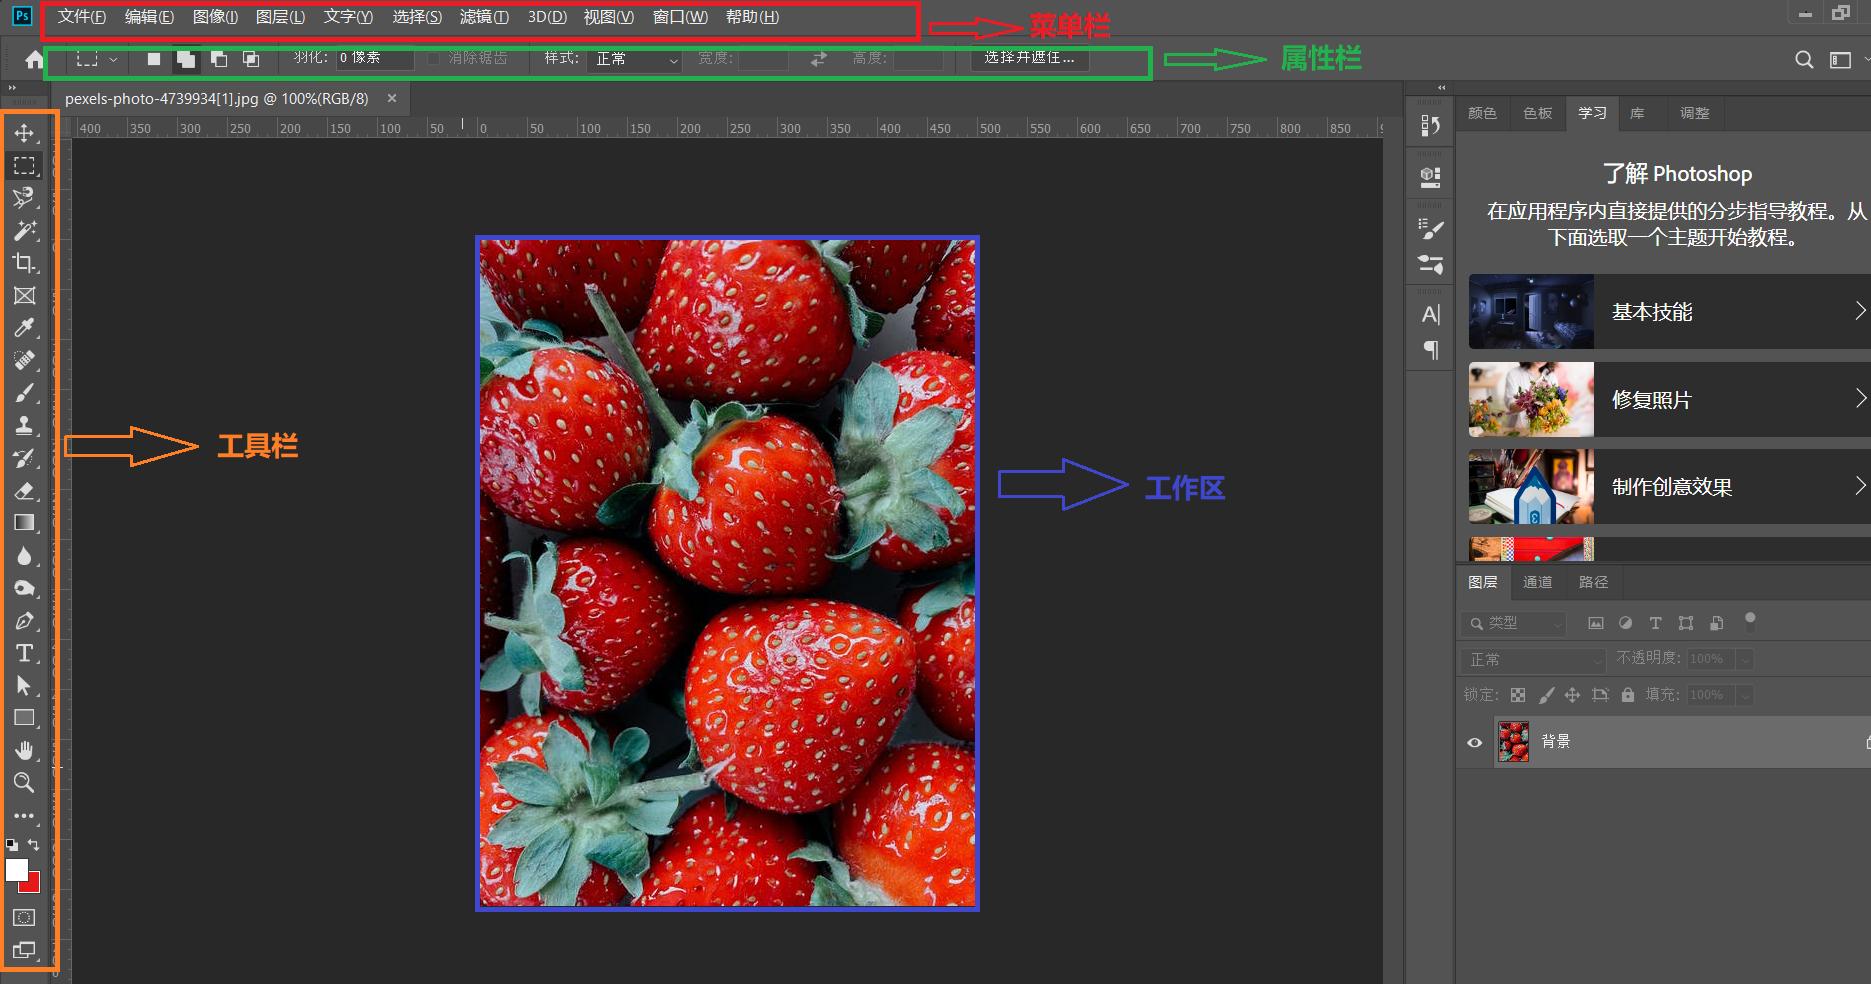 如何修改图片像素大小(ps修改证件照像素步骤)